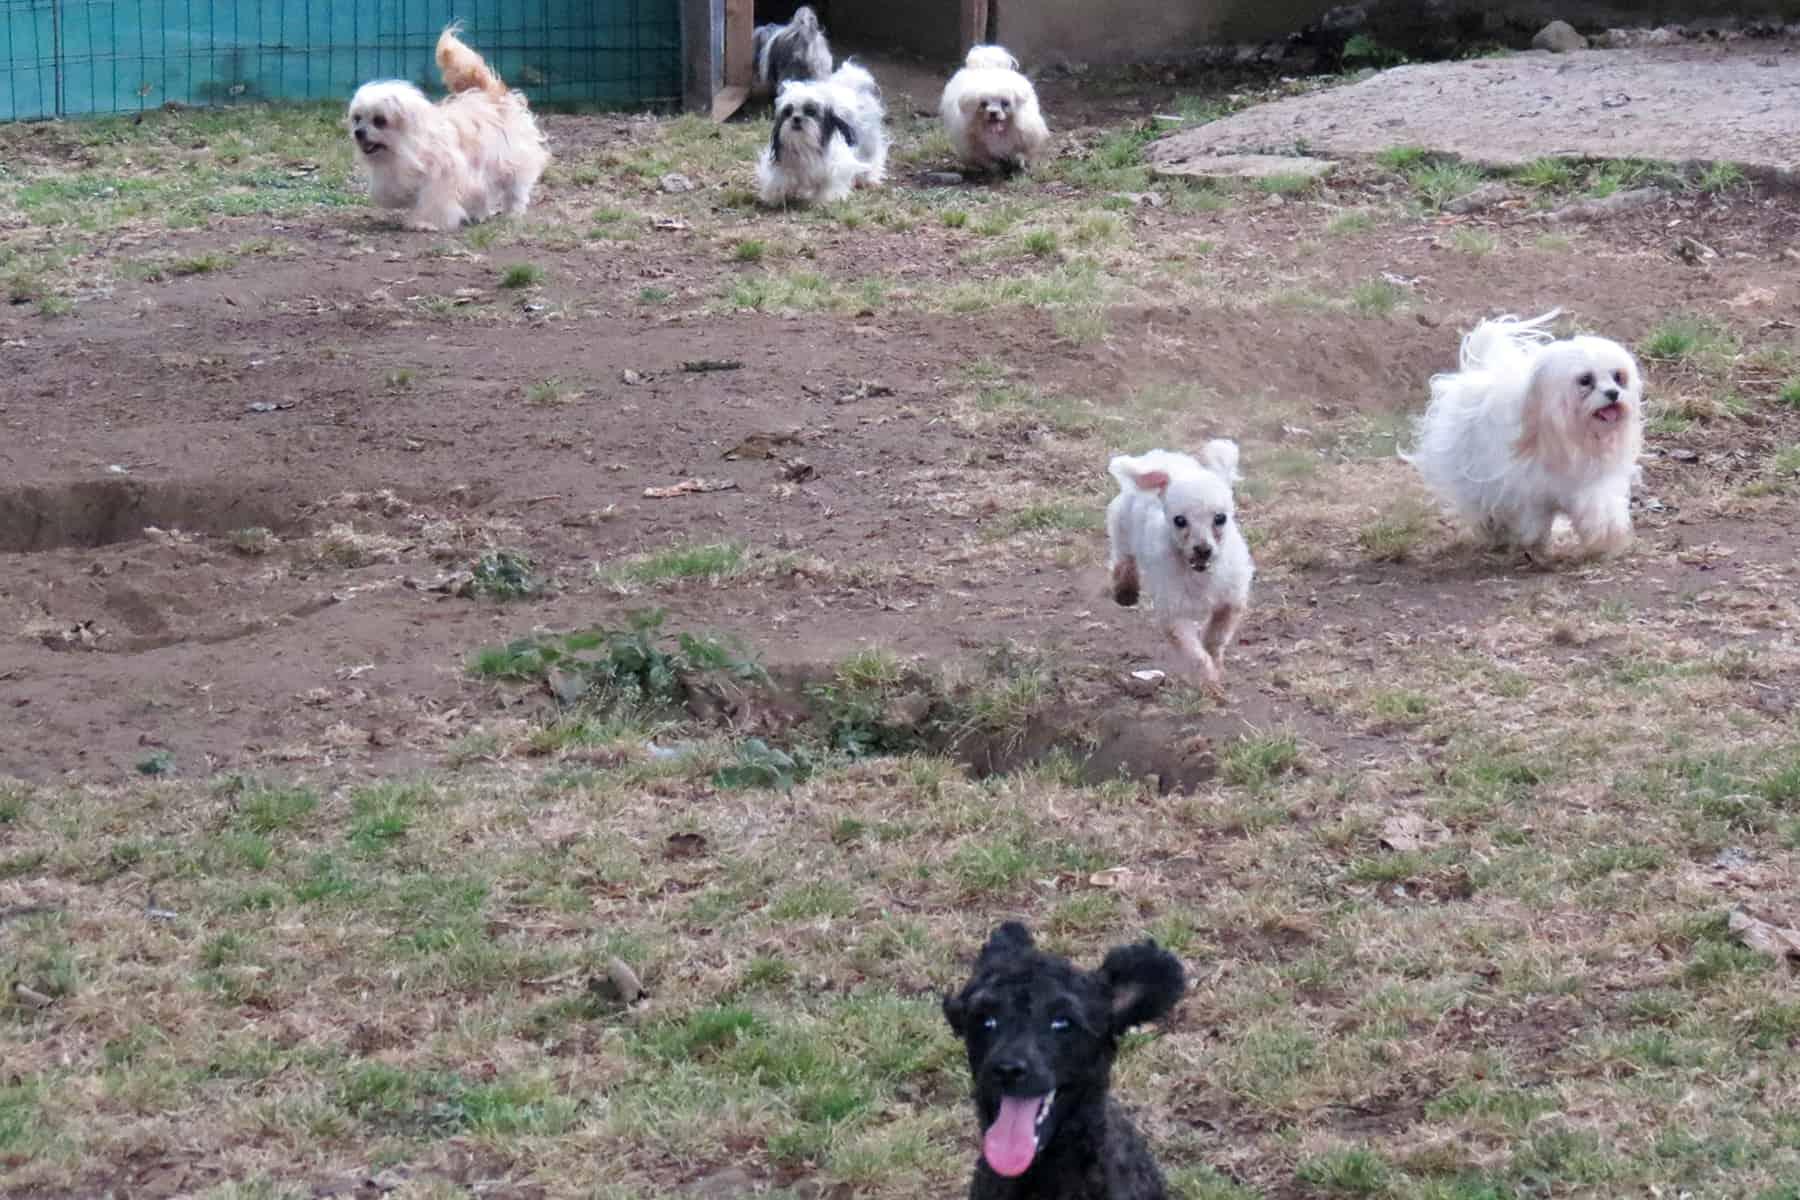 Puppy mill raid at Tres Ríos. April 17, 2015.